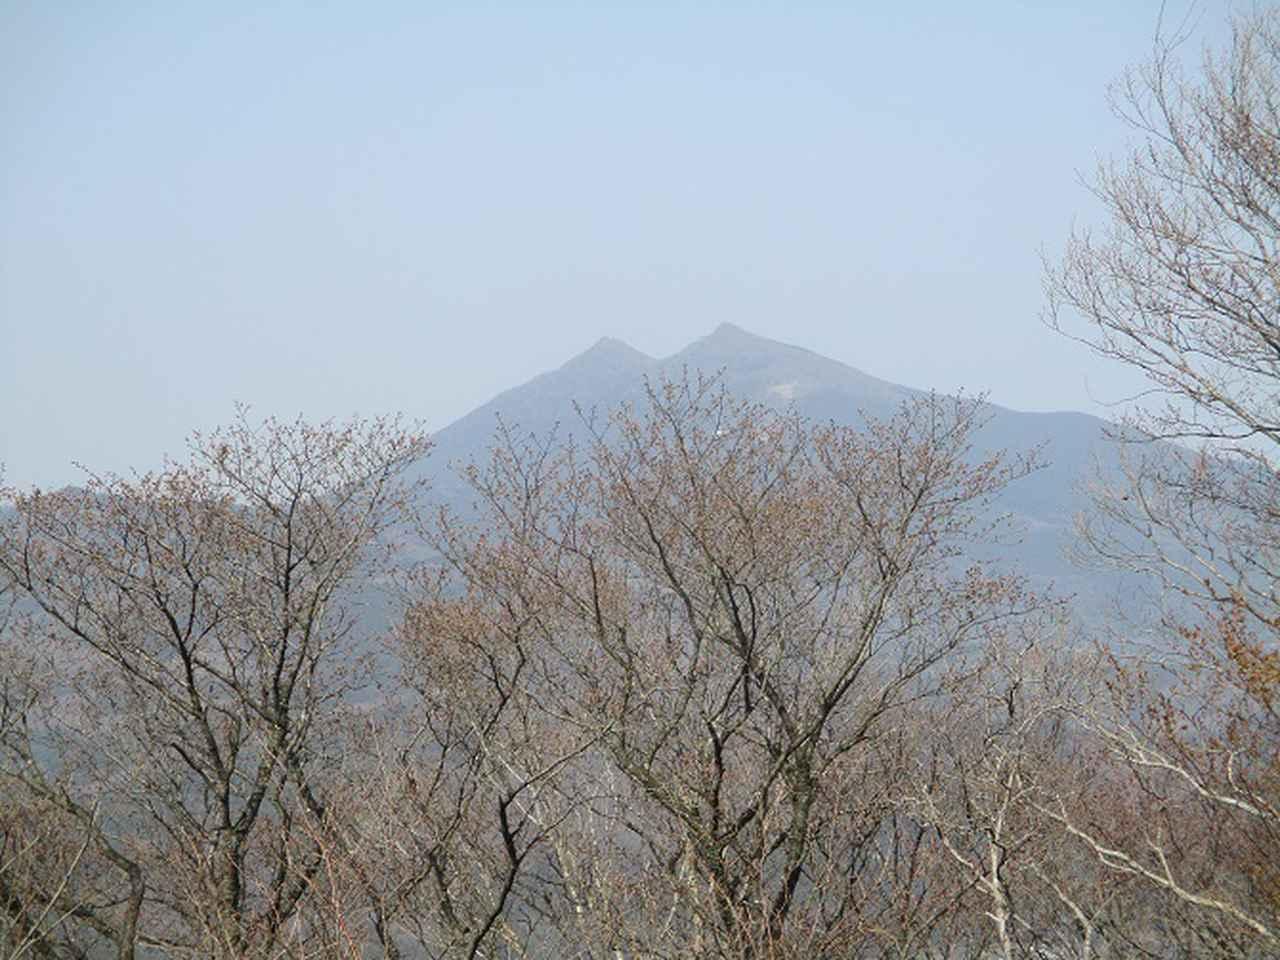 画像5: 4月の山旅会 雪入山 ツアーの下見に行ってきました!